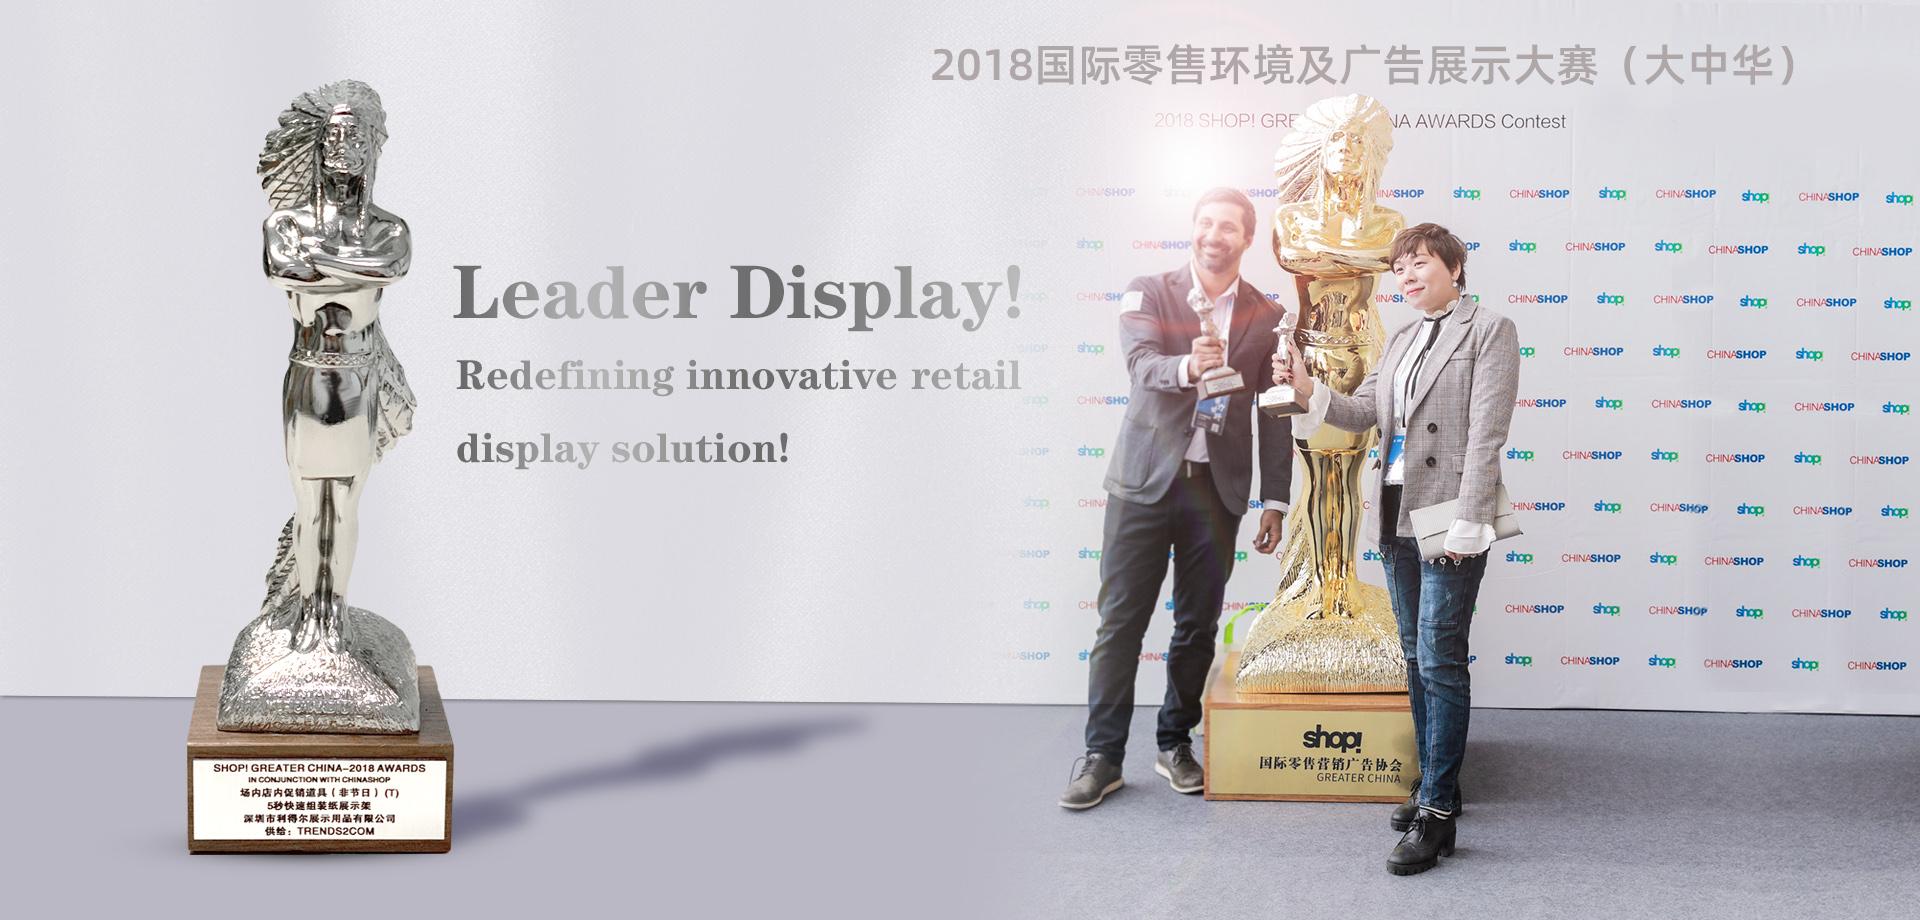 golden pos displays manufacturer